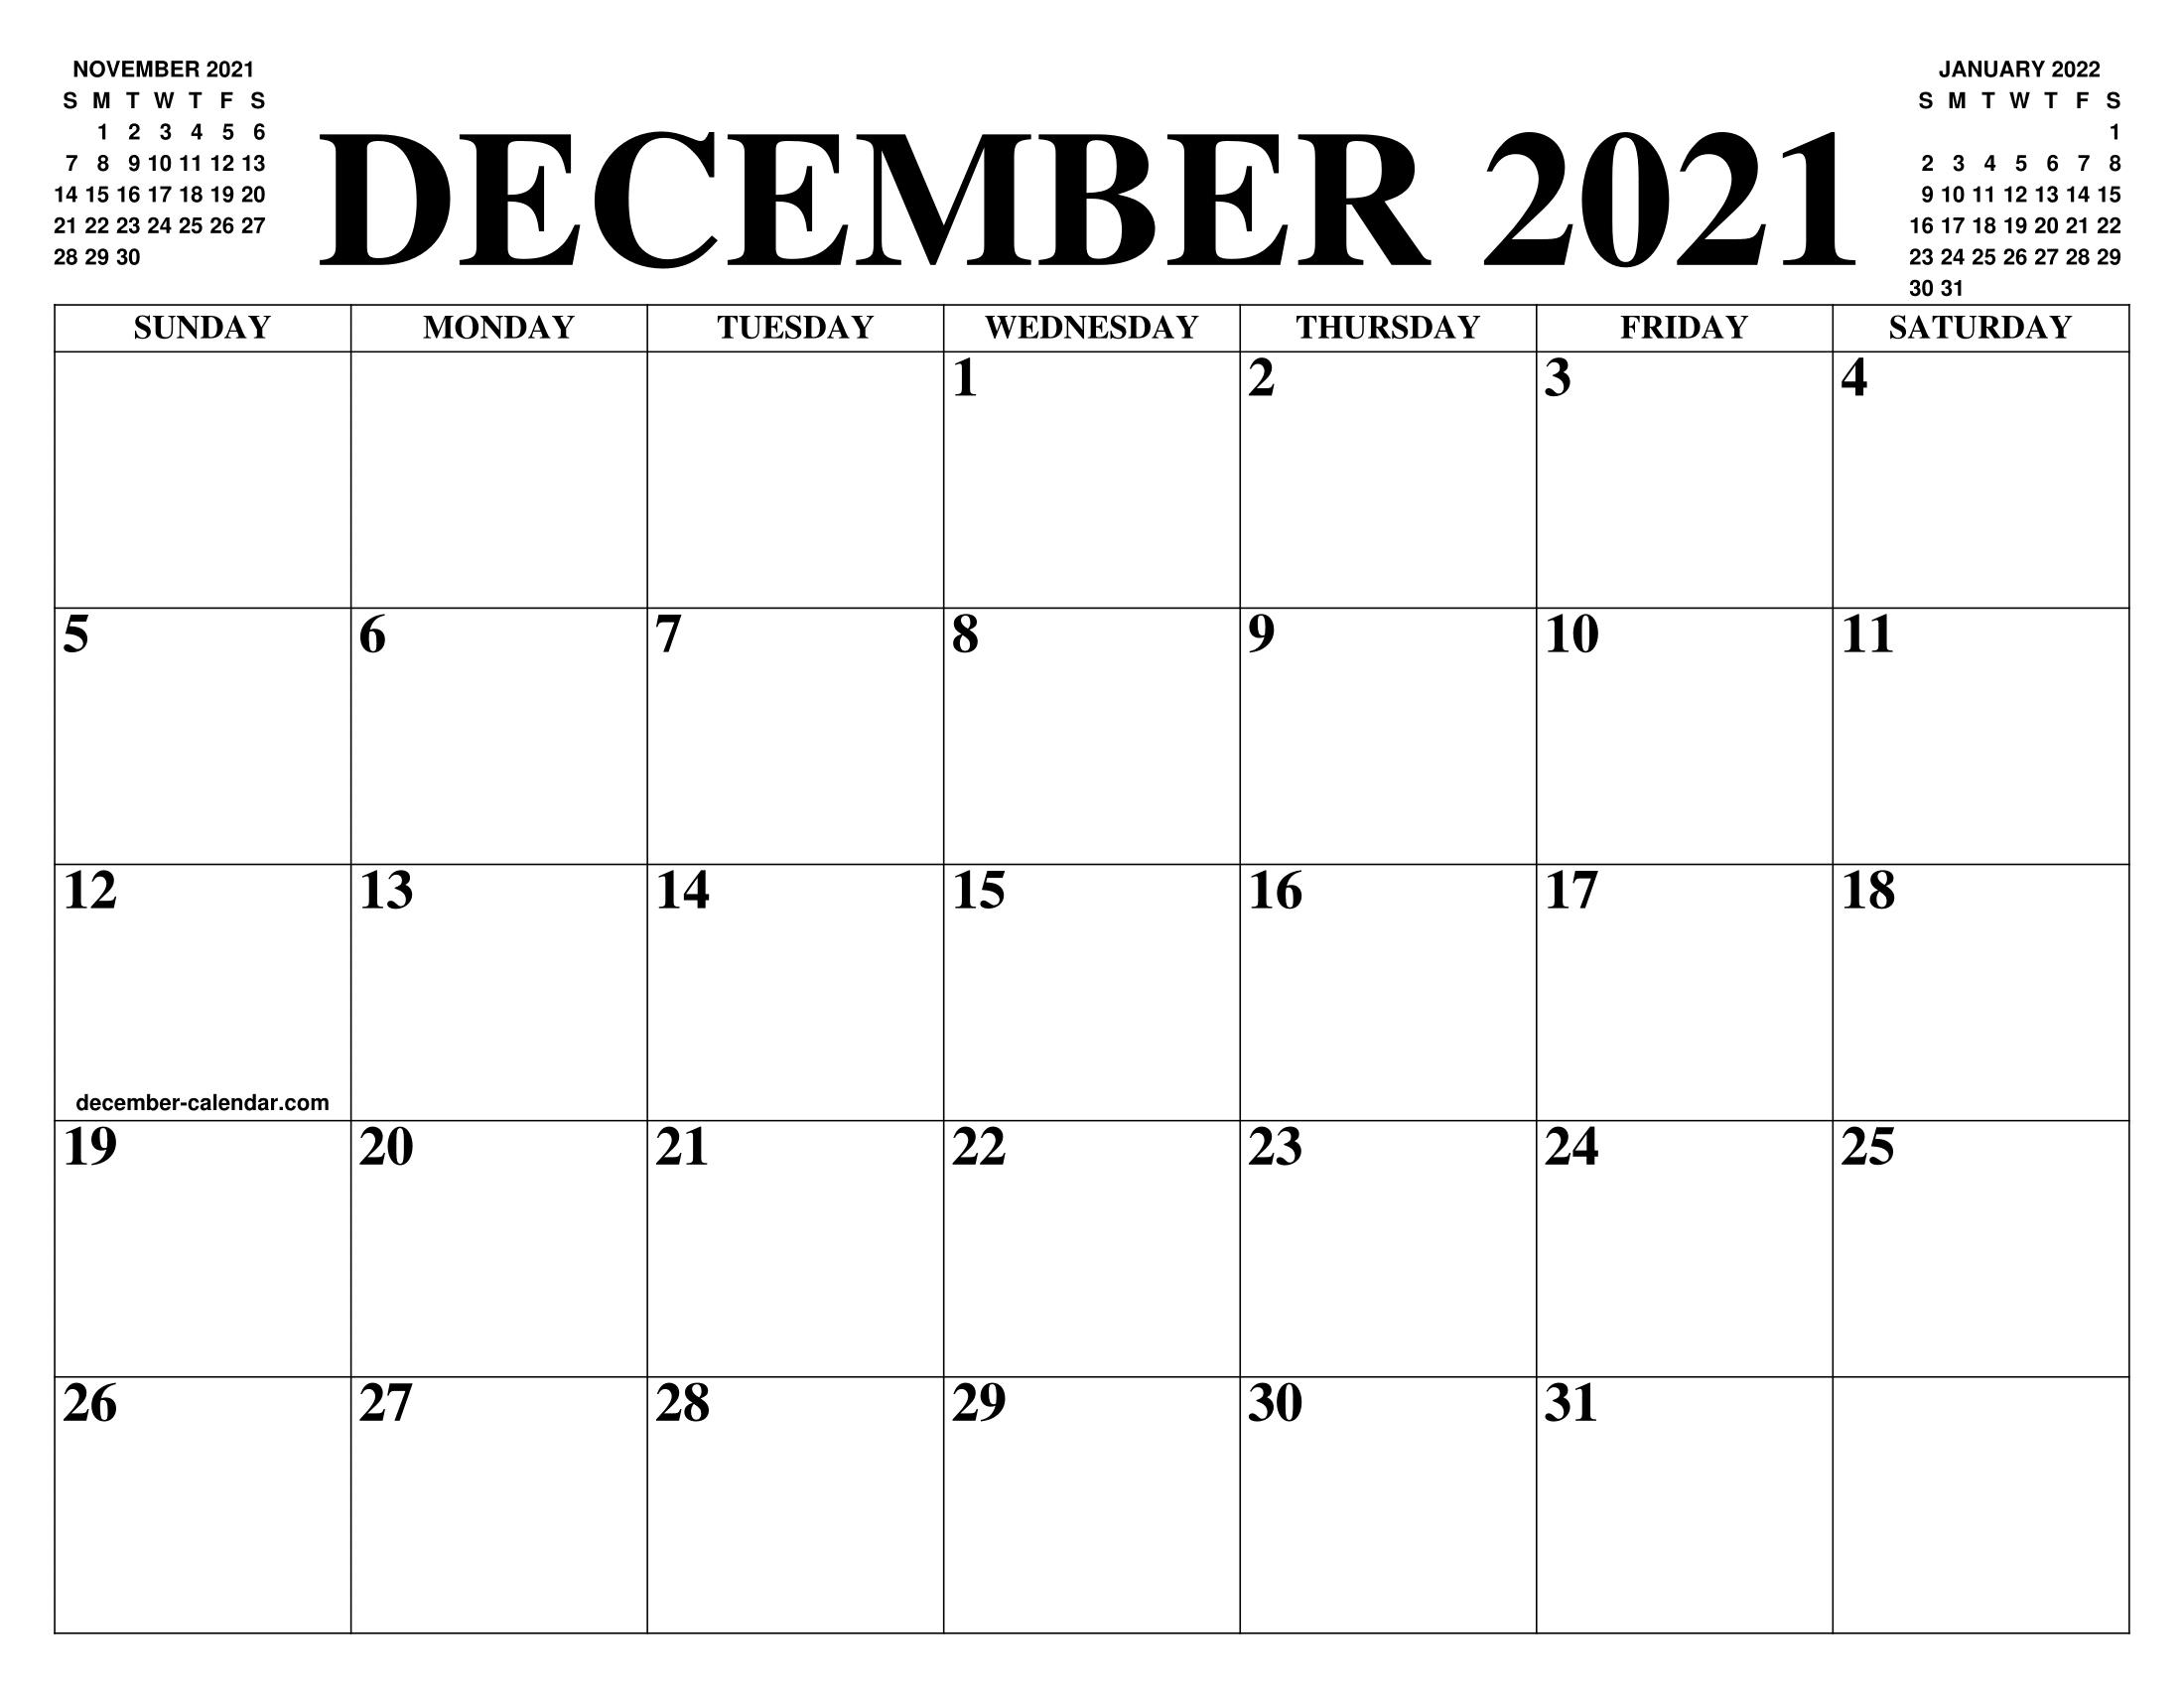 November December 2022 Calendar.December 2021 Calendar Of The Month Free Printable December 2021 Calendar Of The Year Agenda